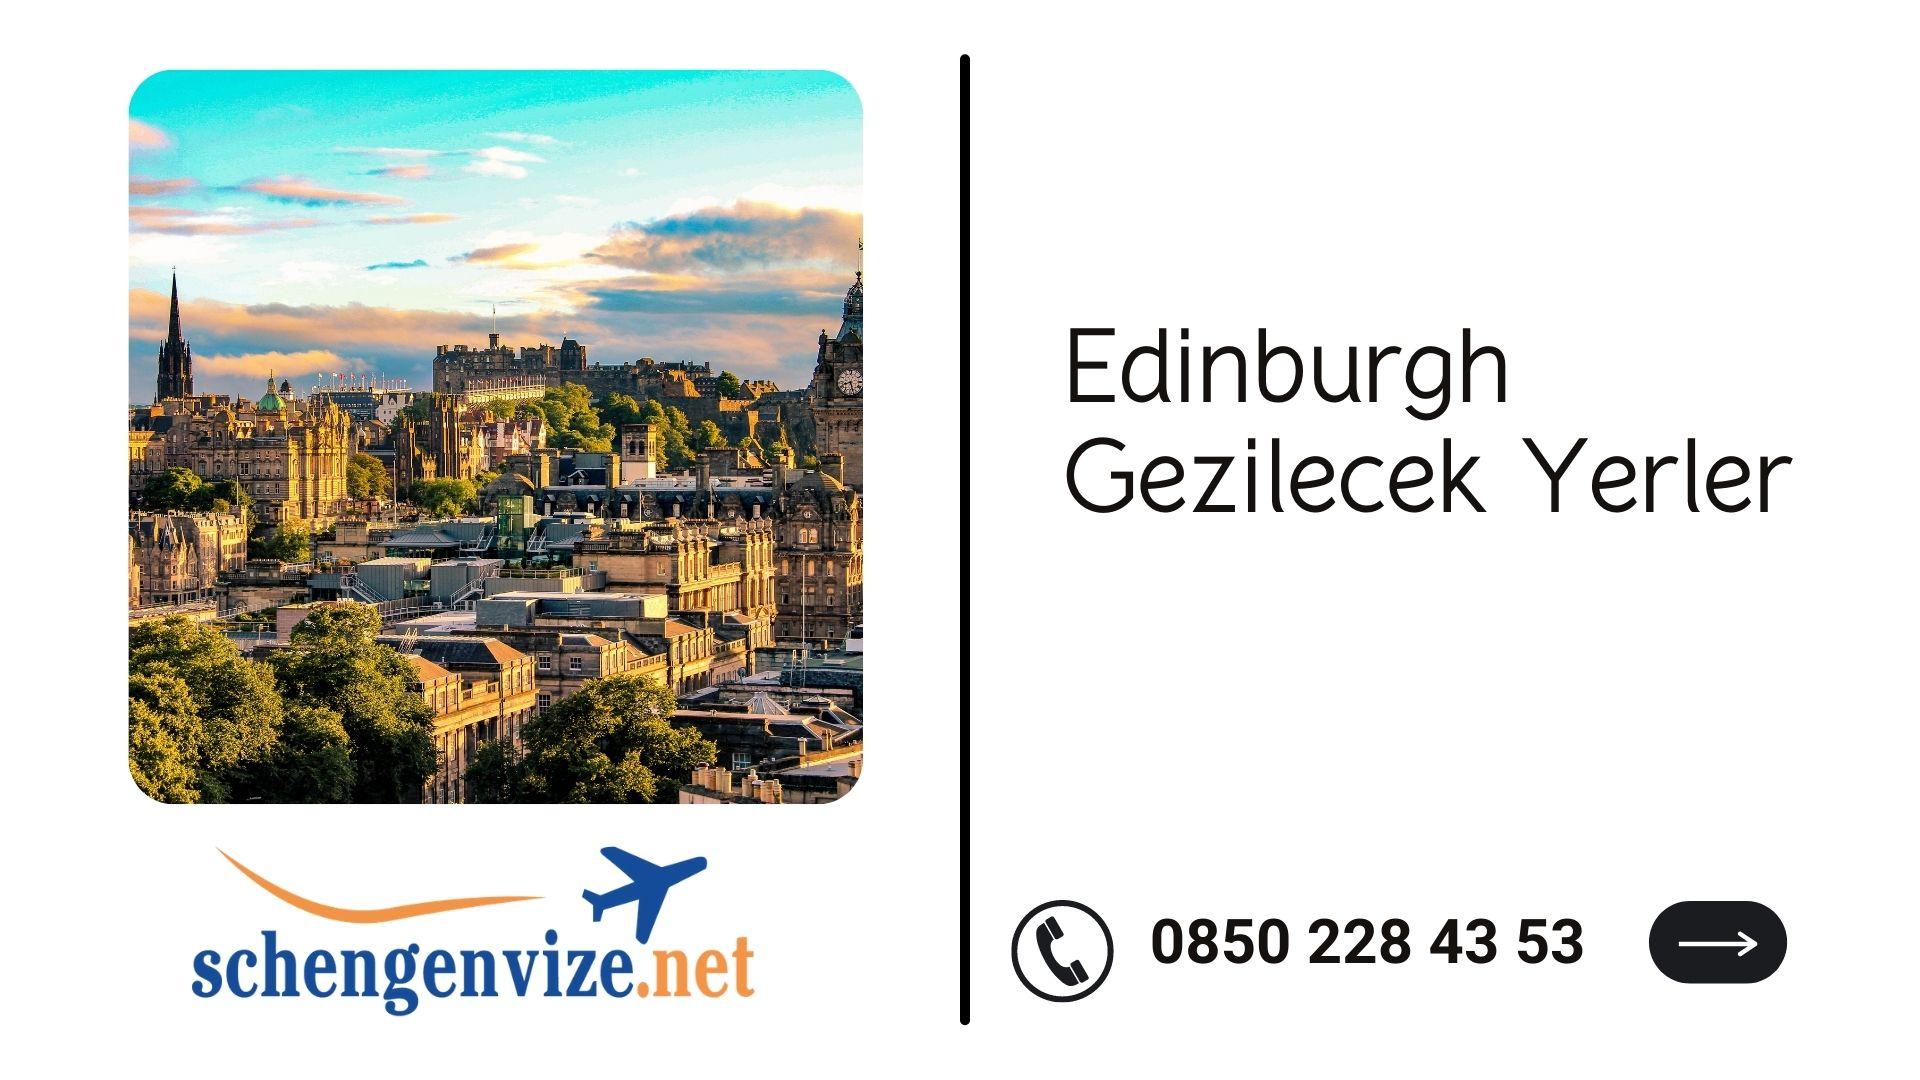 Edinburgh Gezilecek Yerler